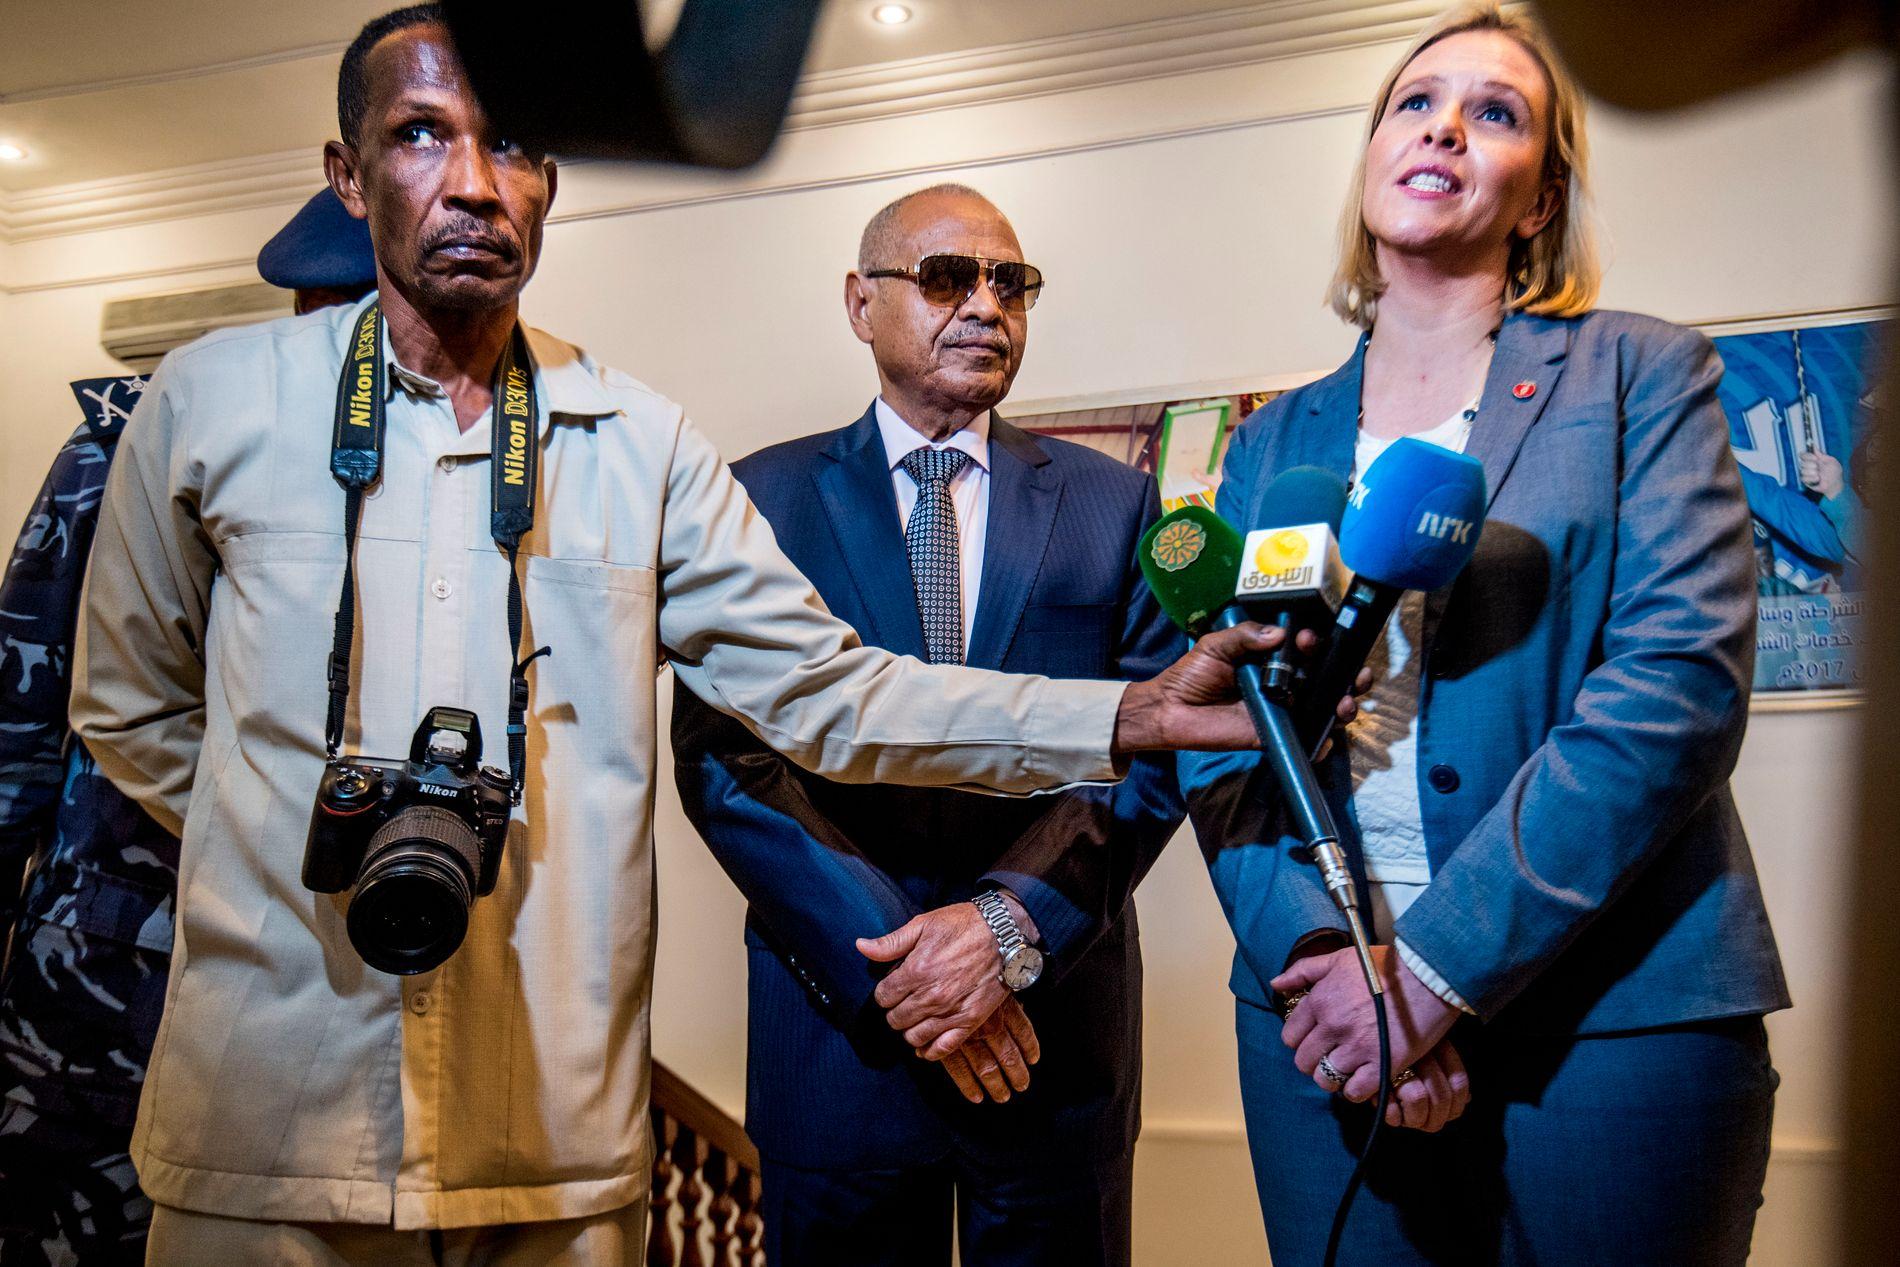 UENIGE: Sudans innenriksminister general Hamid Manan er uenig med Sylvi Listhaug i at flyktninger og migranter fra Eritrea og andre land burde bli i Sudan istedenfor å reise til Europa.